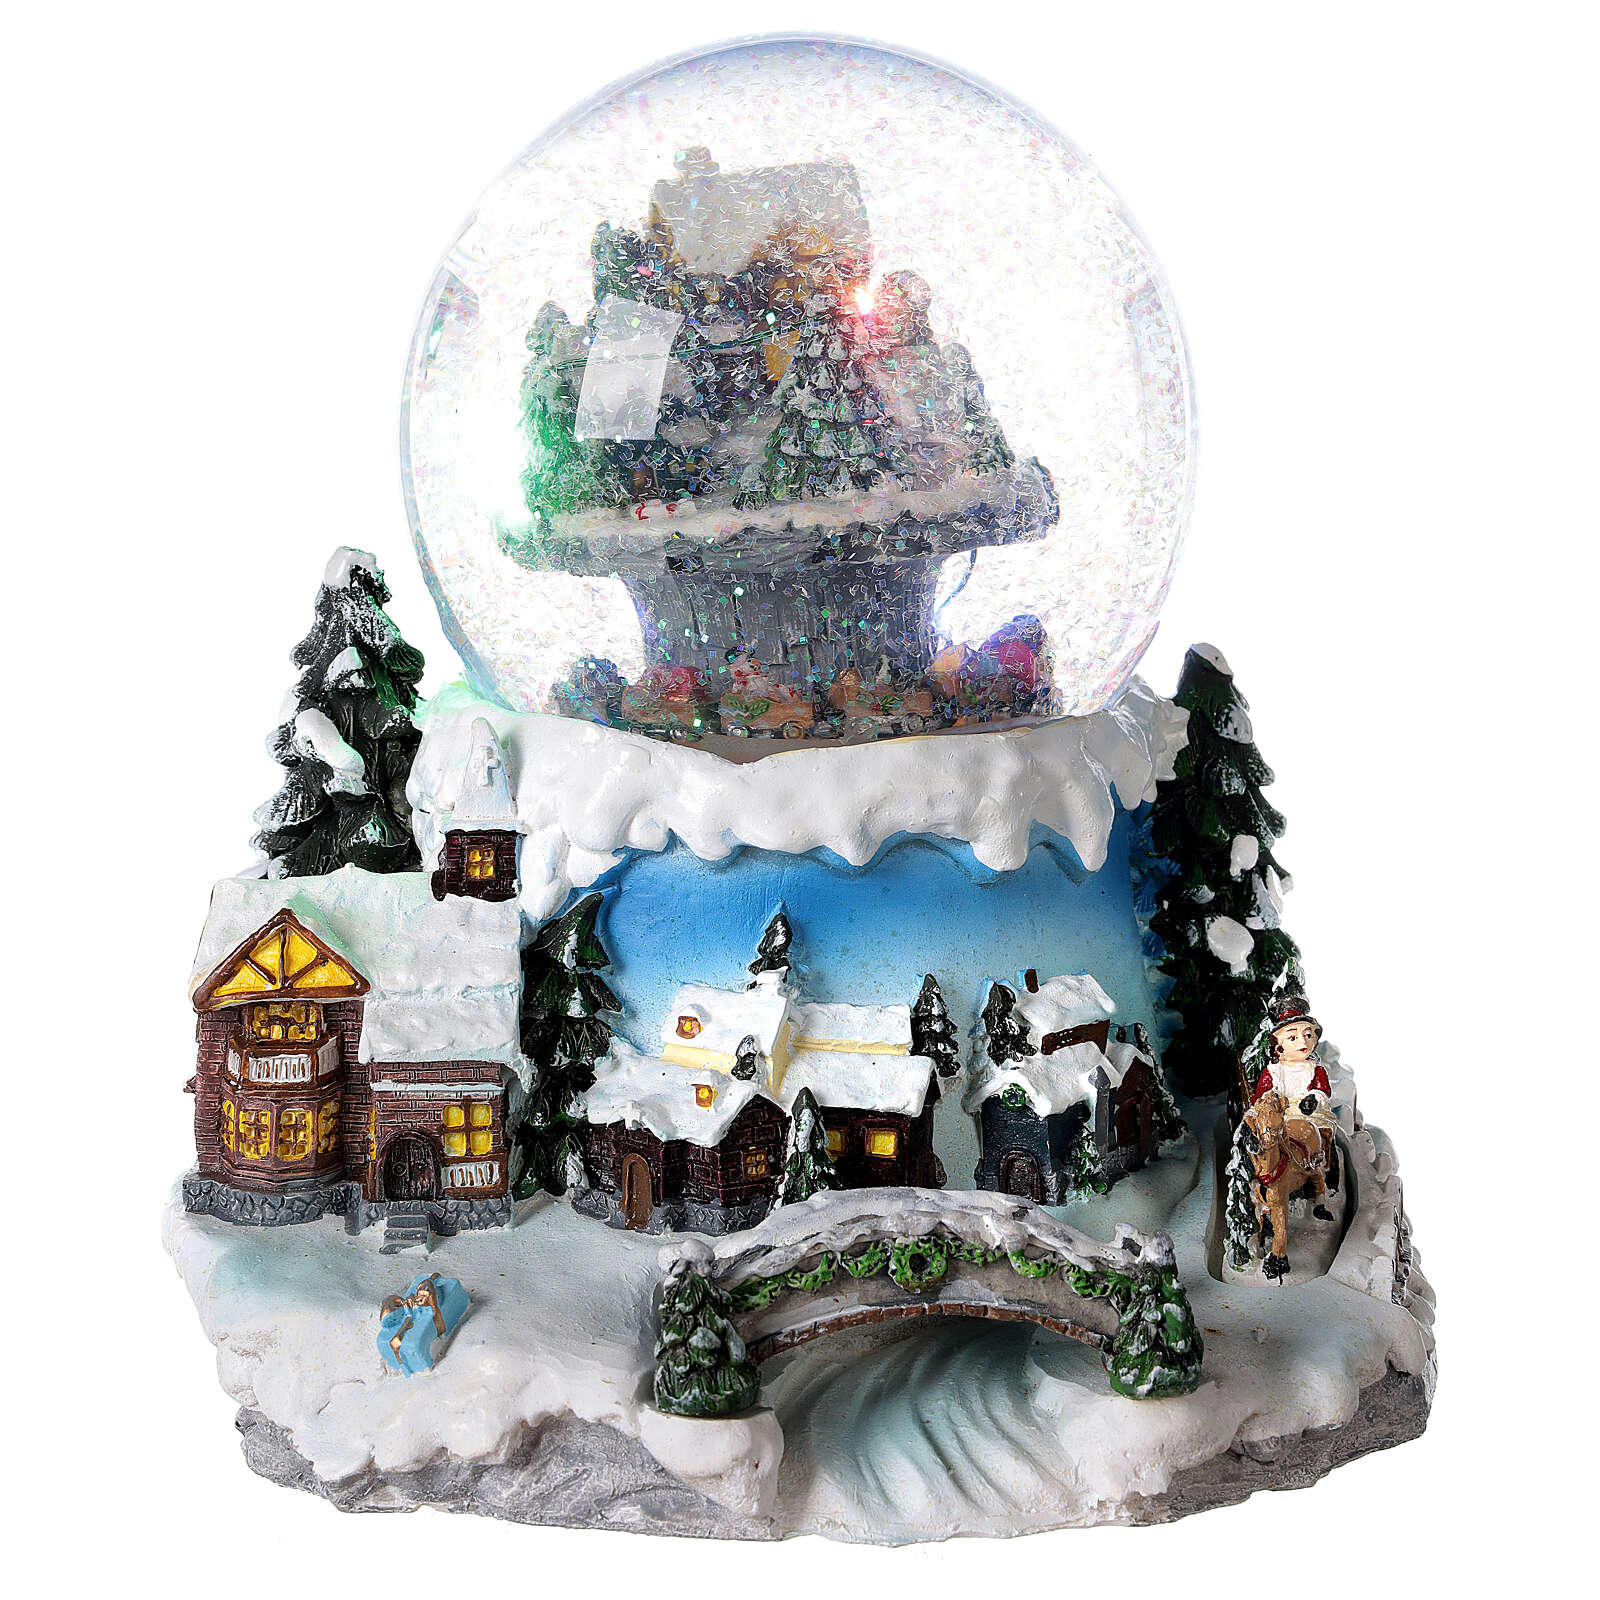 Palla di vetro villaggio neve treno musica 20x20x20 cm 3